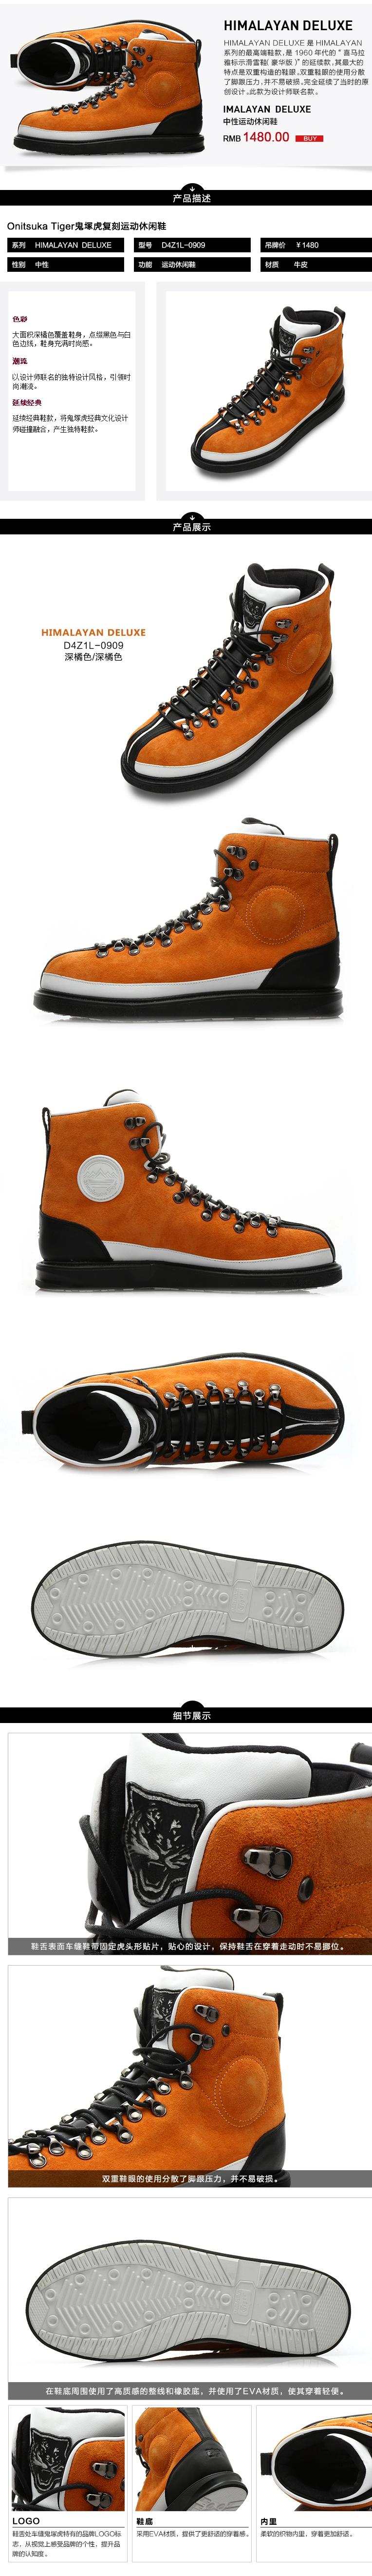 【2014年秋季新品】鬼塚虎运动鞋AP设计师联名款 D4Z1L-0909